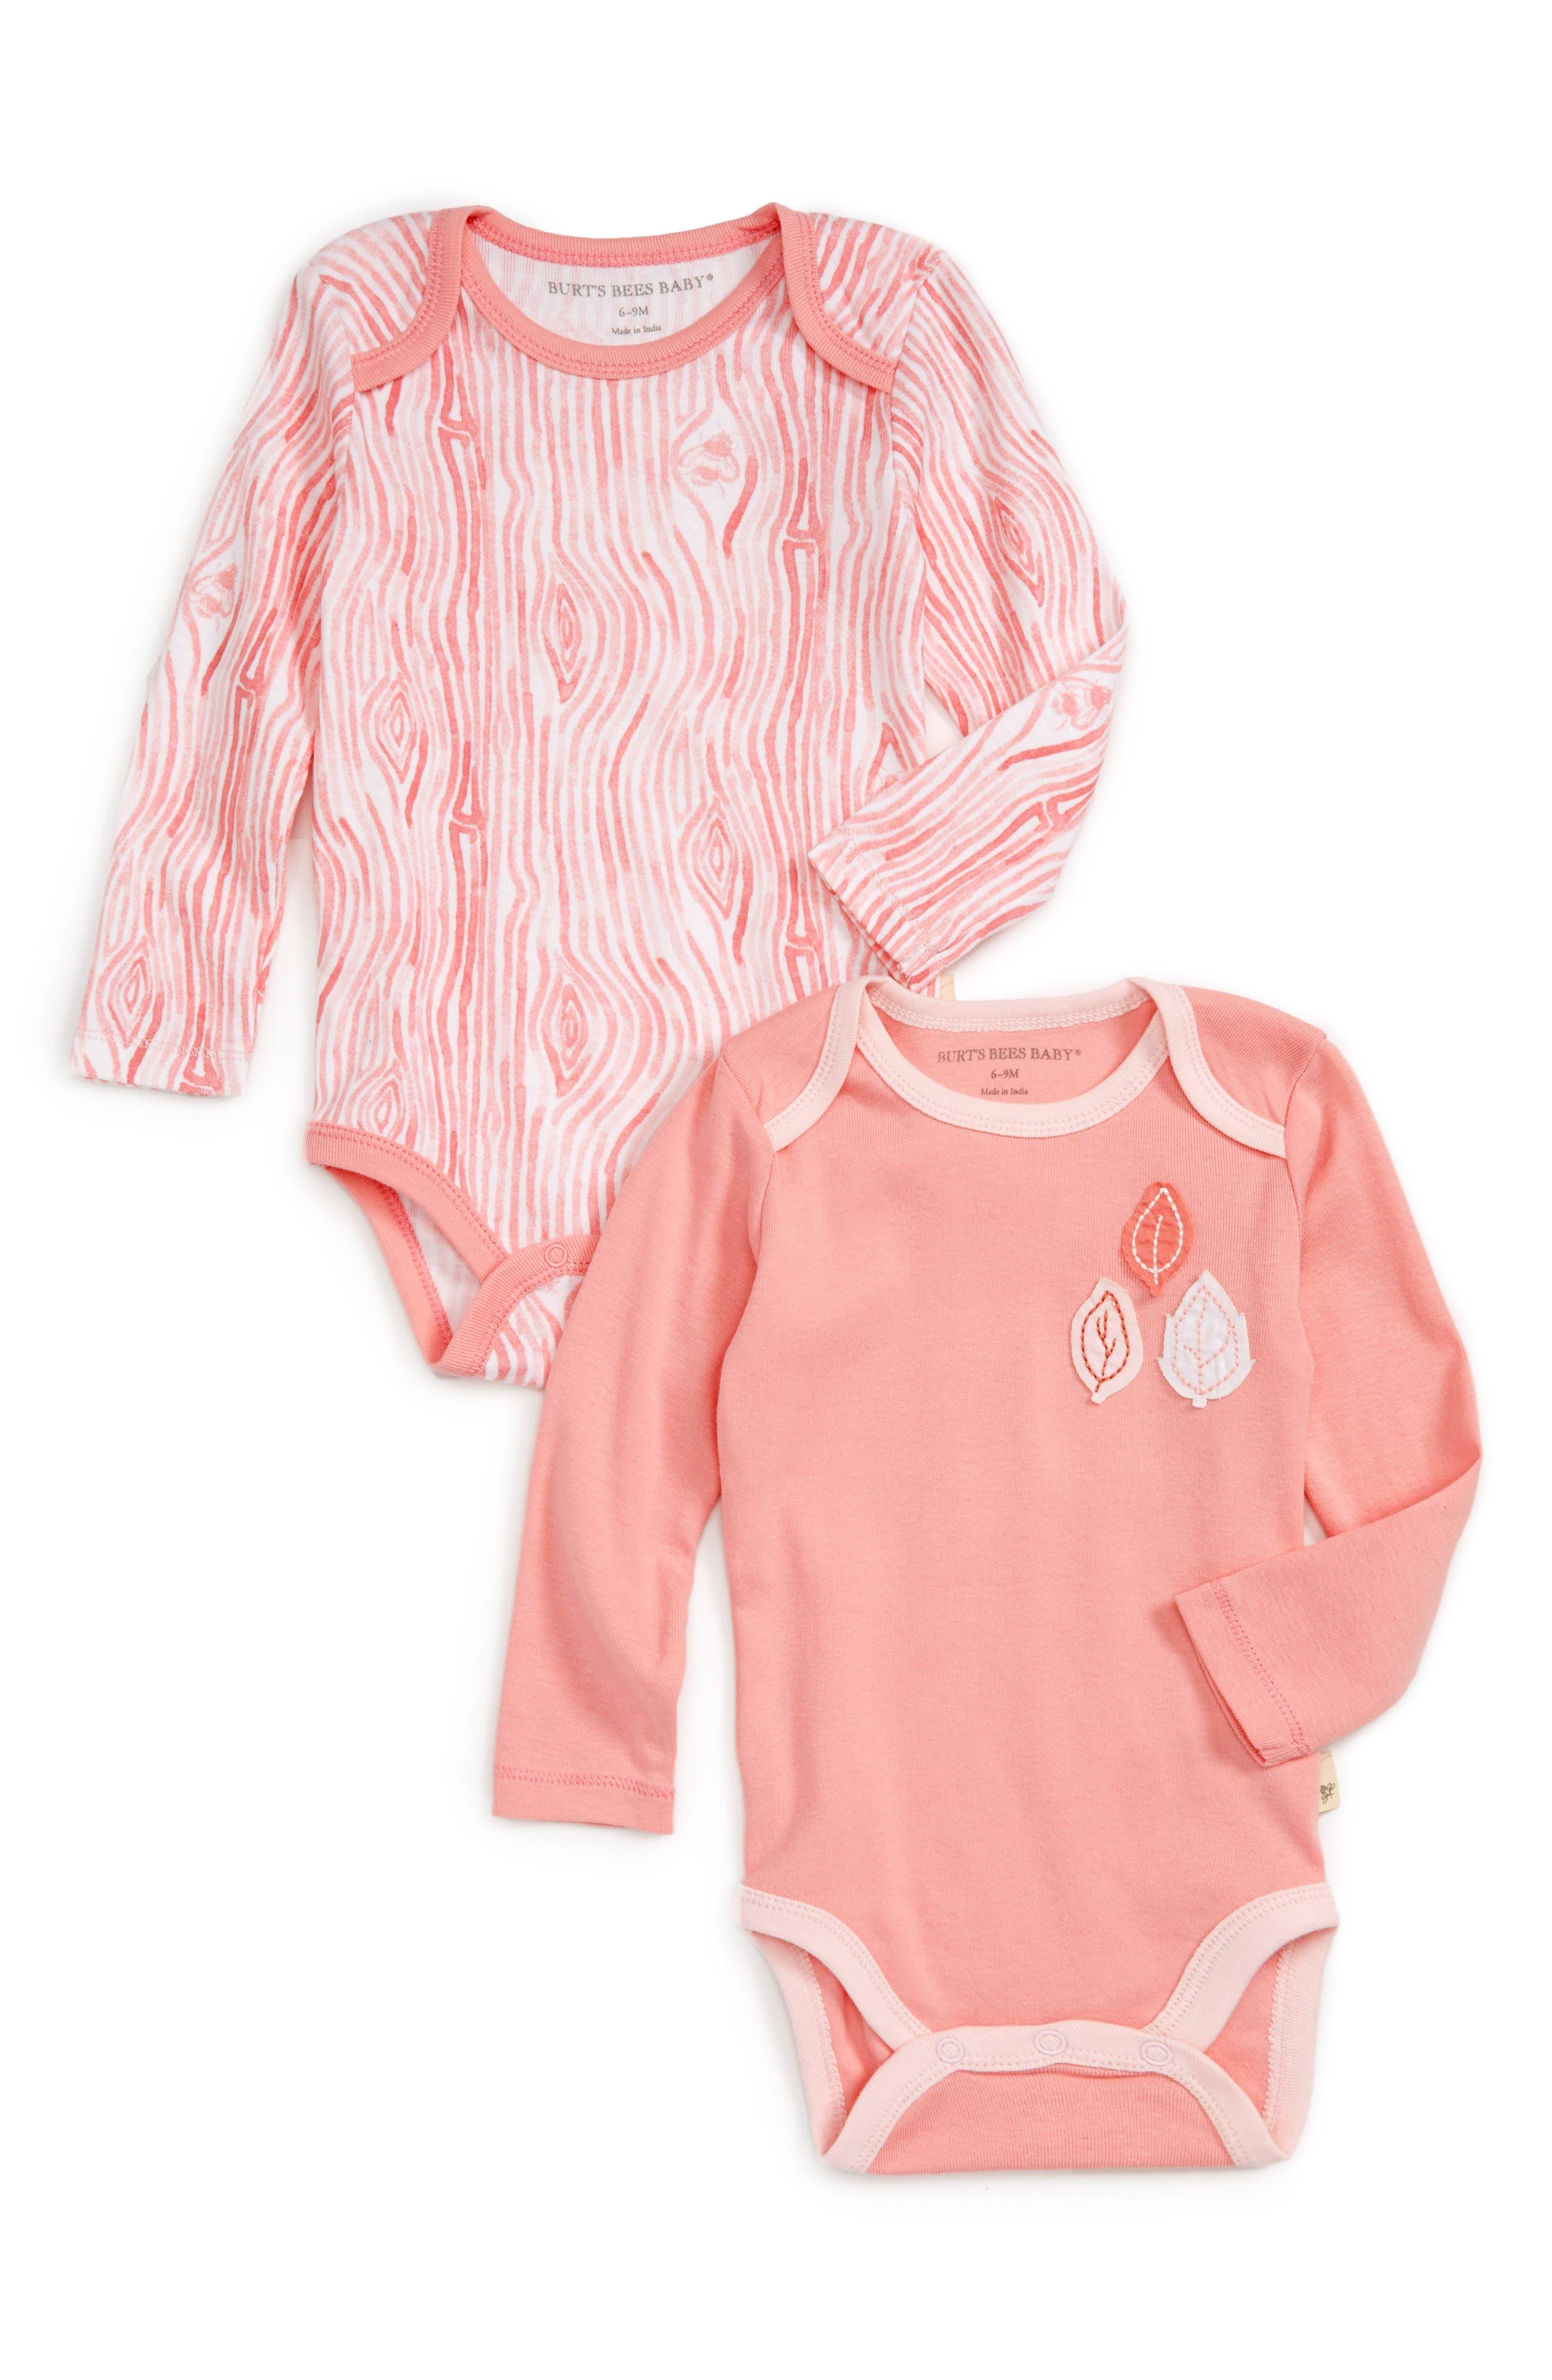 Burt's Bees Baby Woodgrain 2-Pack Organic Cotton Bodysuits (Baby Girls)